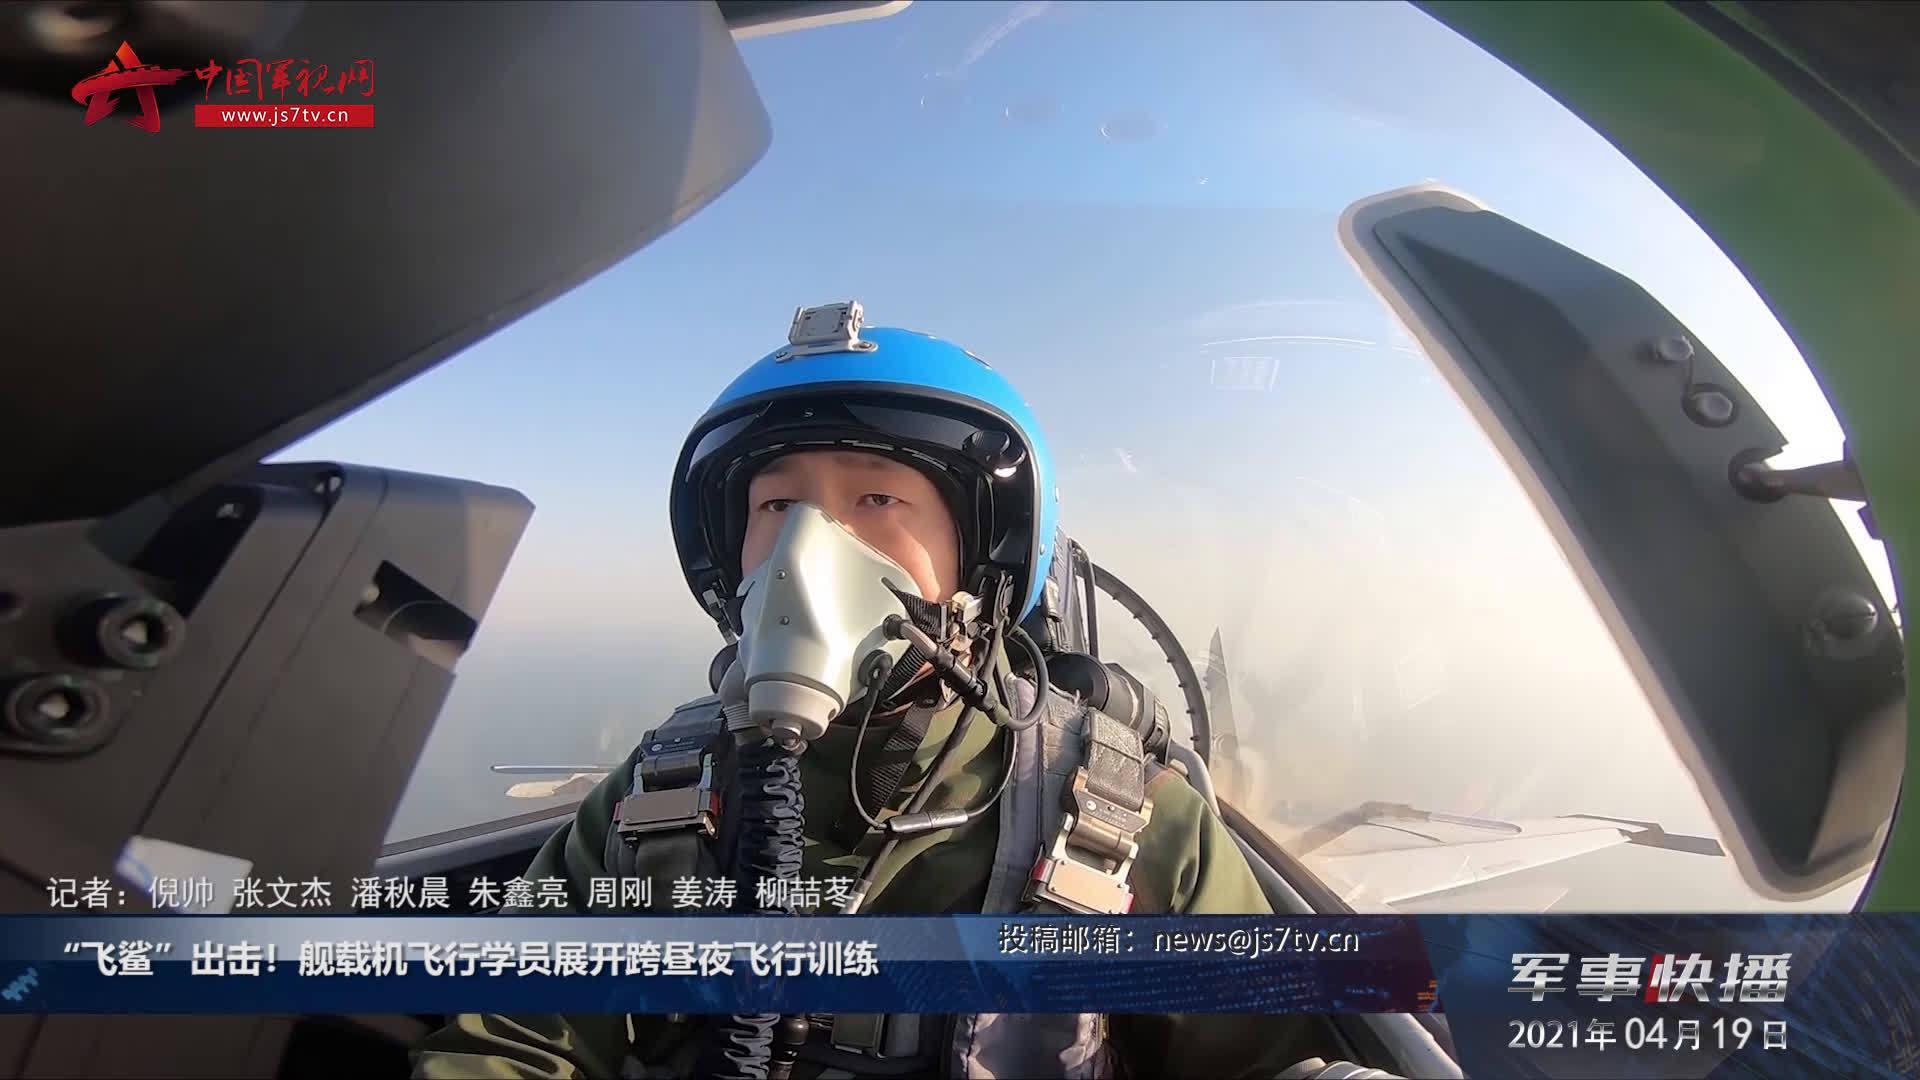 舰载机飞行学员跨昼夜训练